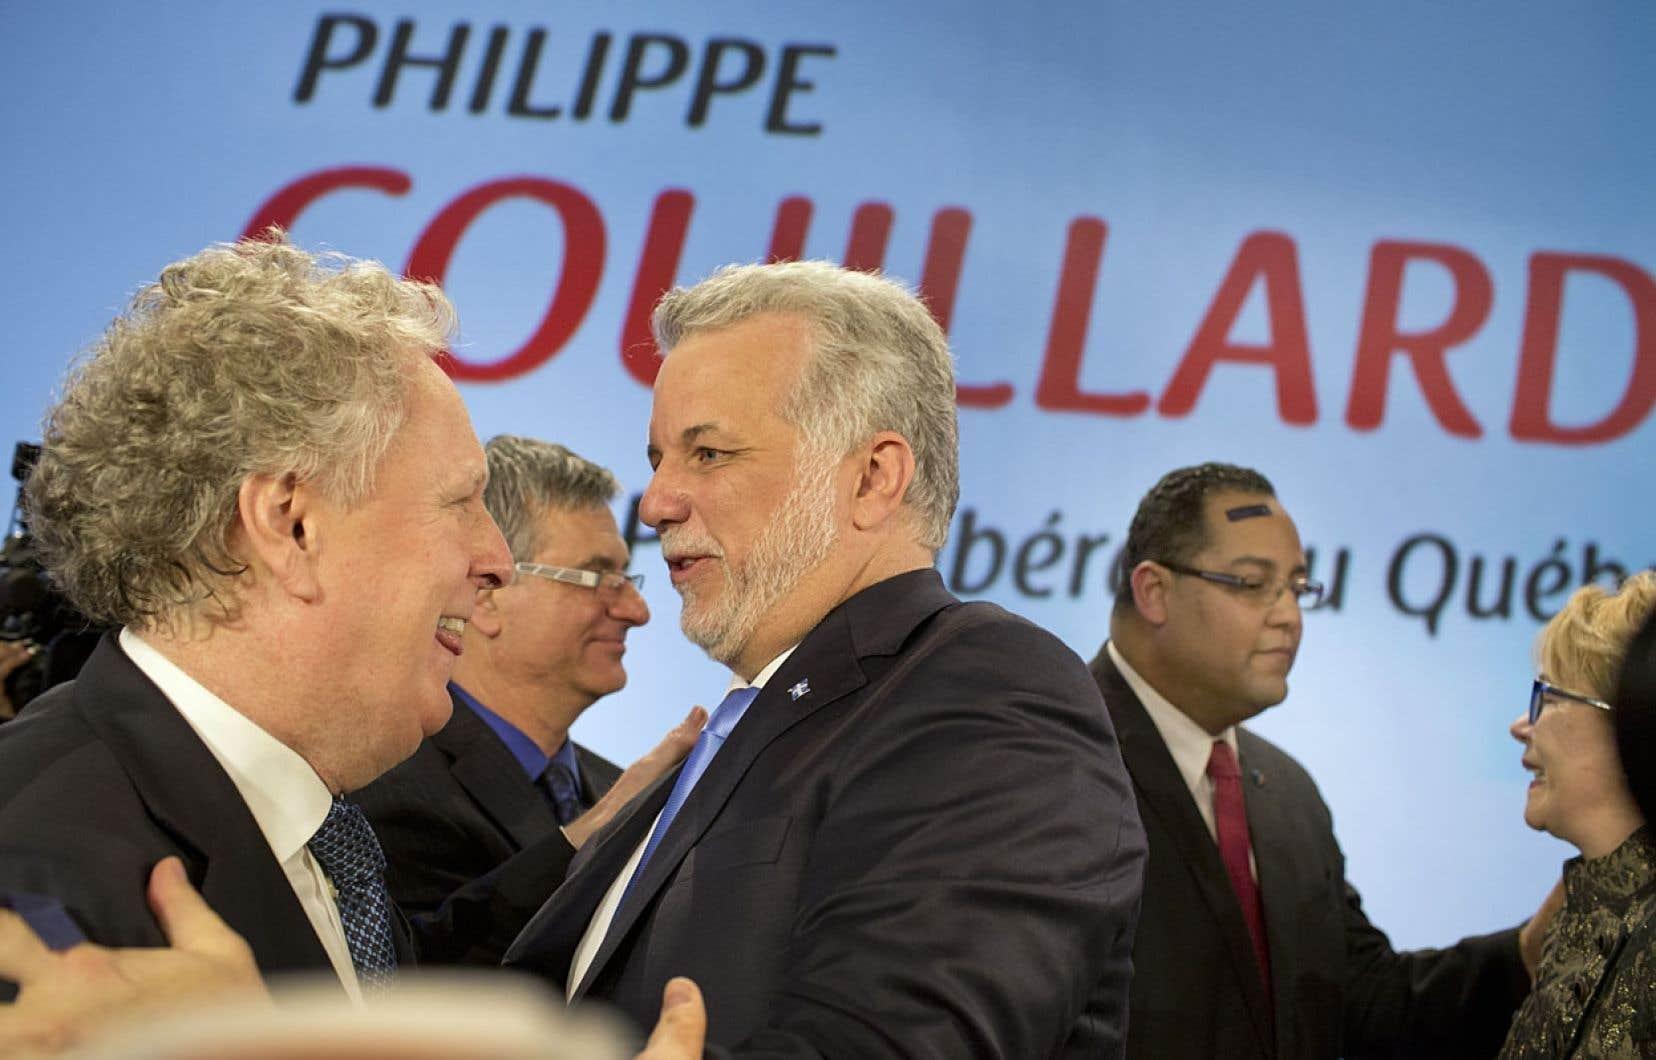 Jean Charest félicite Philippe Couillard, qui lui succède en tant que chef du Parti libéral du Québec